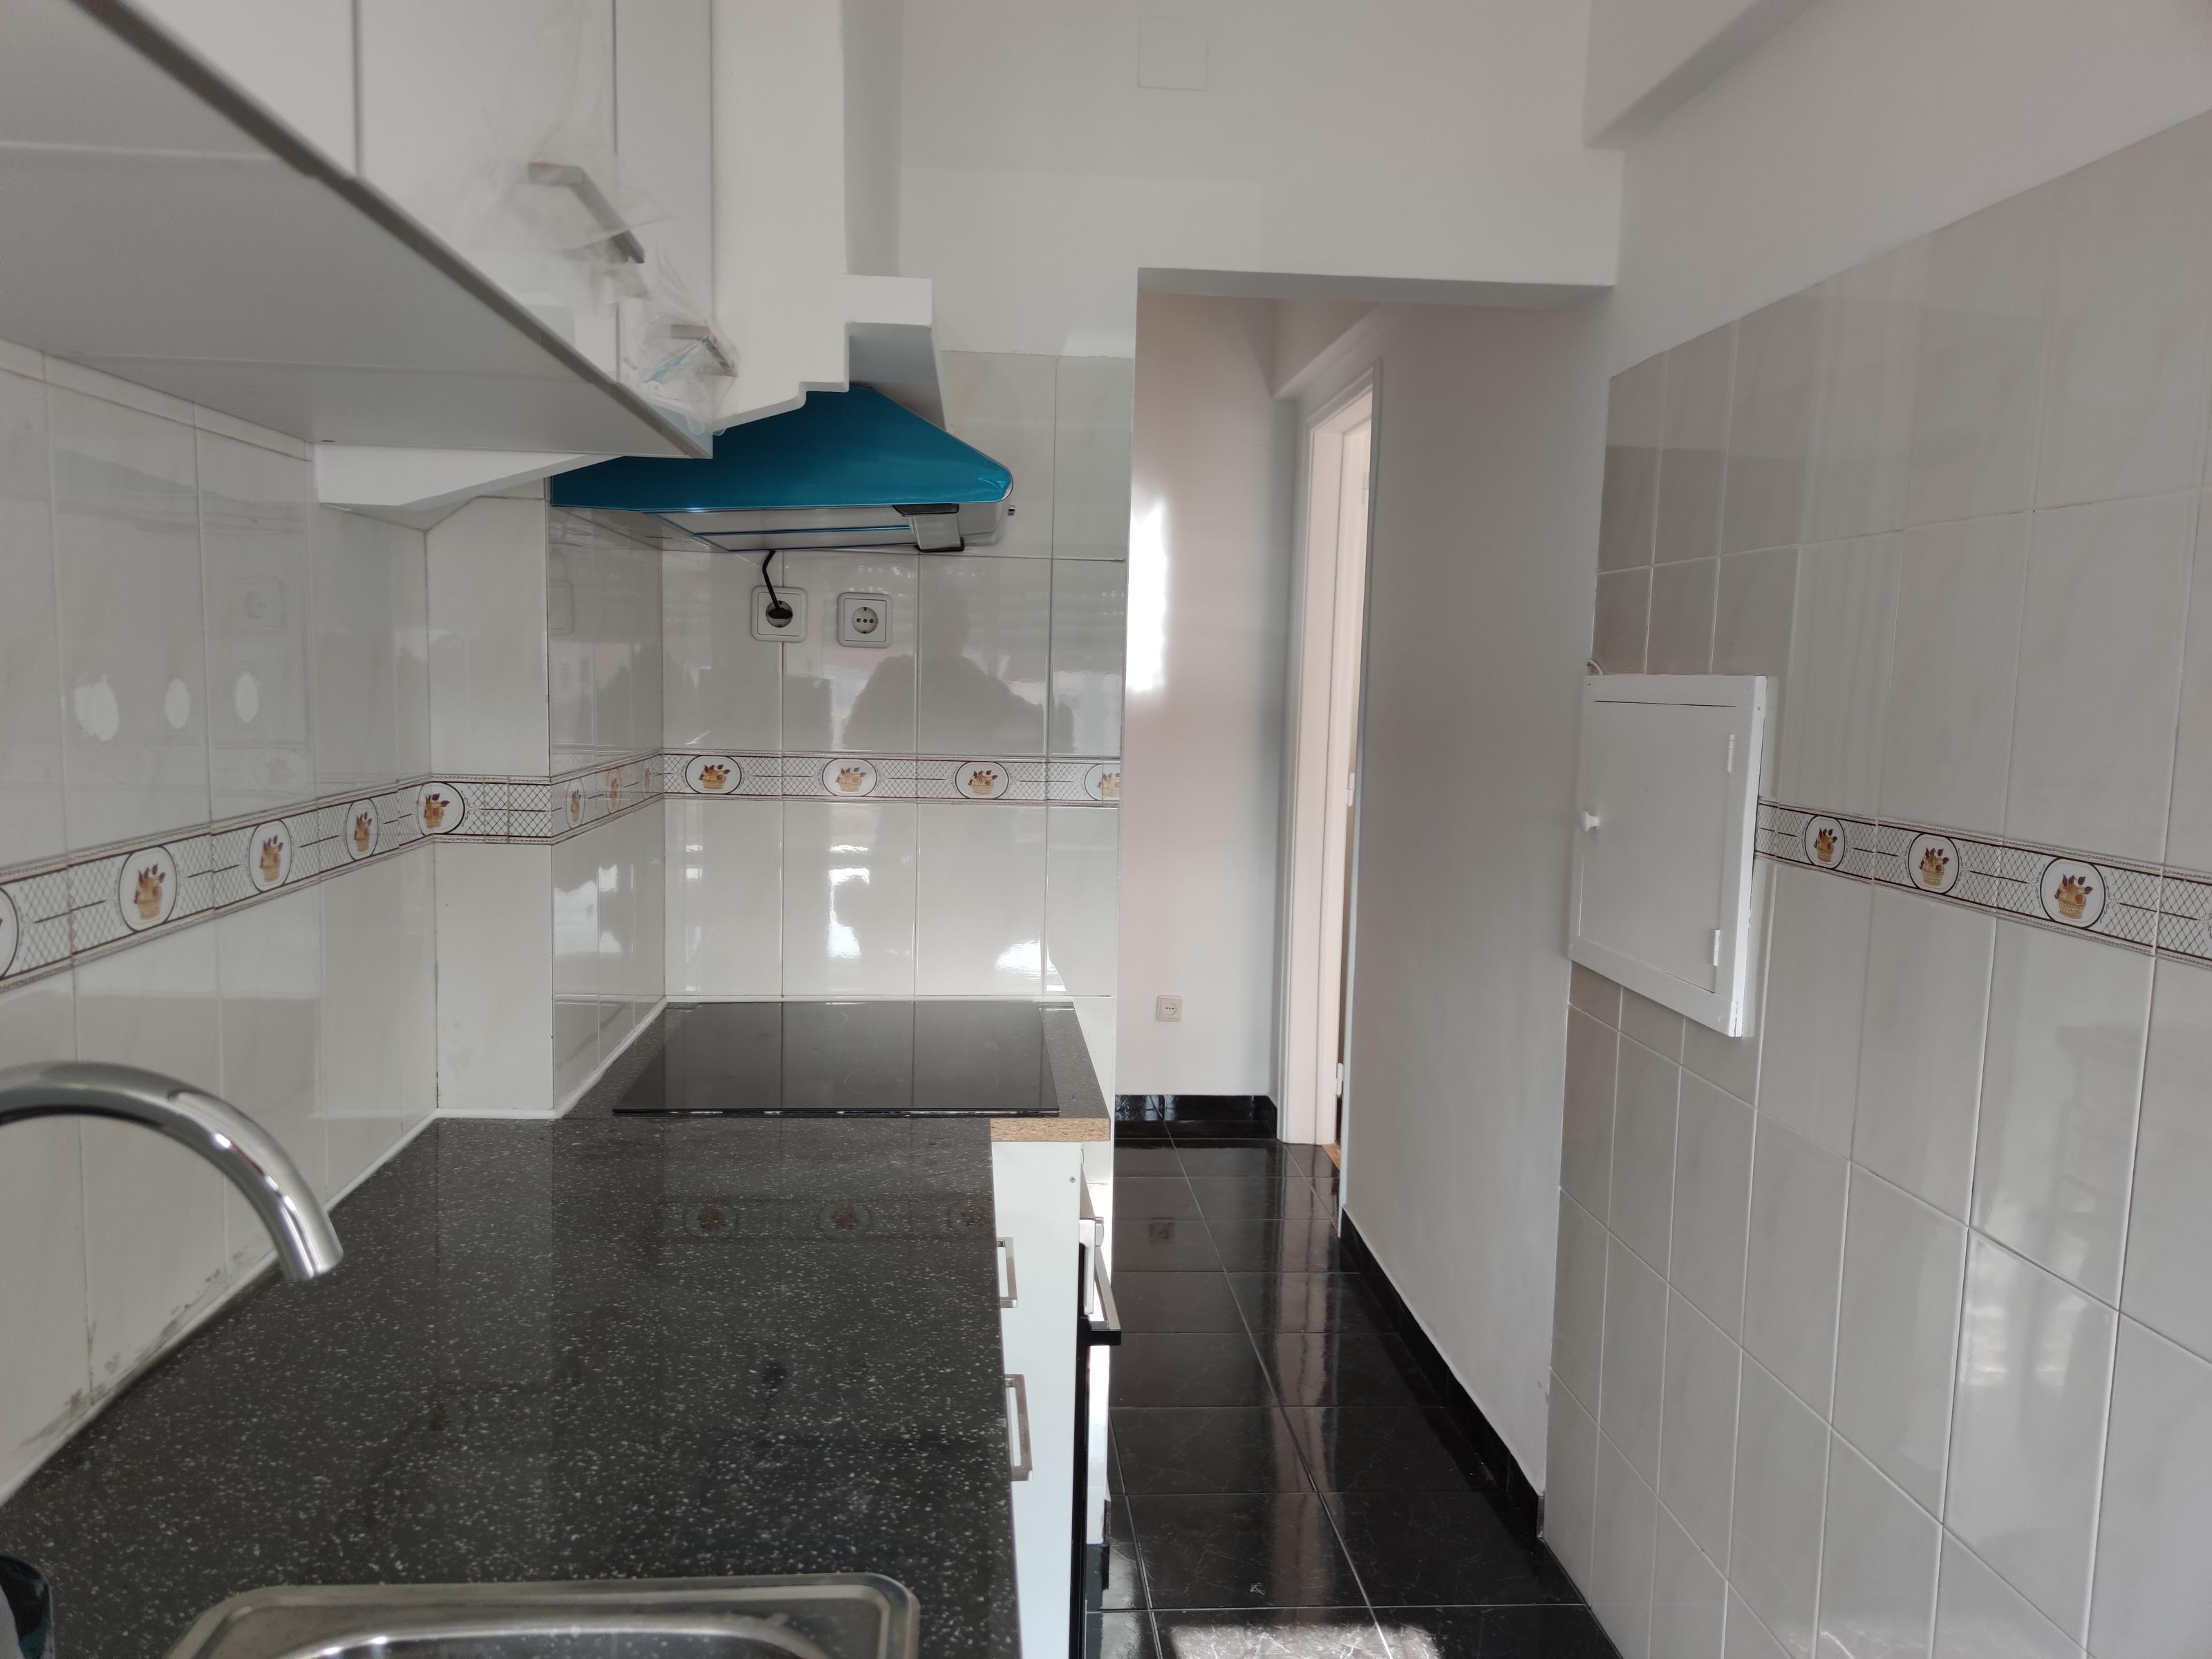 למכירה-דירת 2 חדרים באמדורה, קרובה למרכז העיר ליסבון